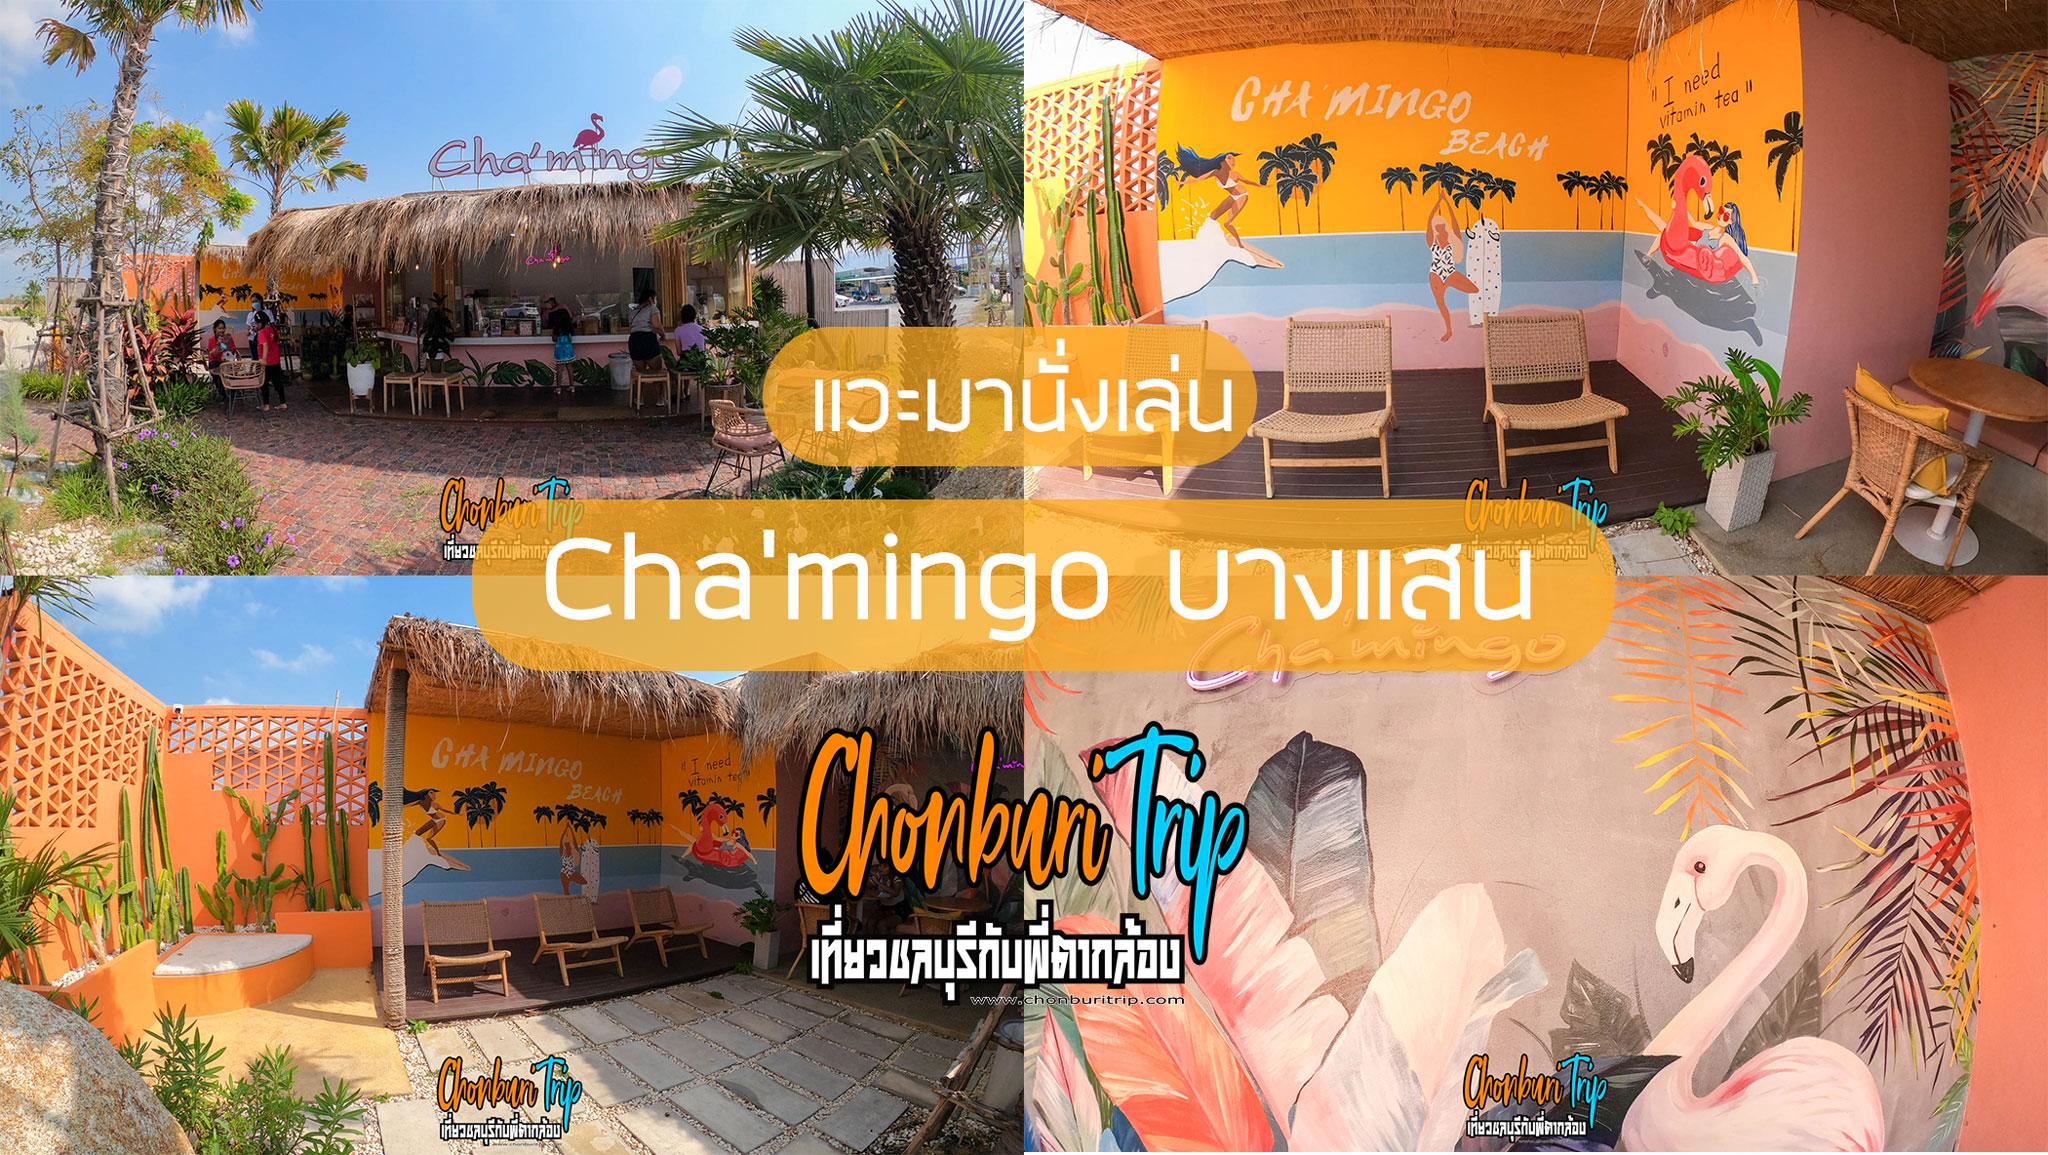 Chamingo-บางแสน